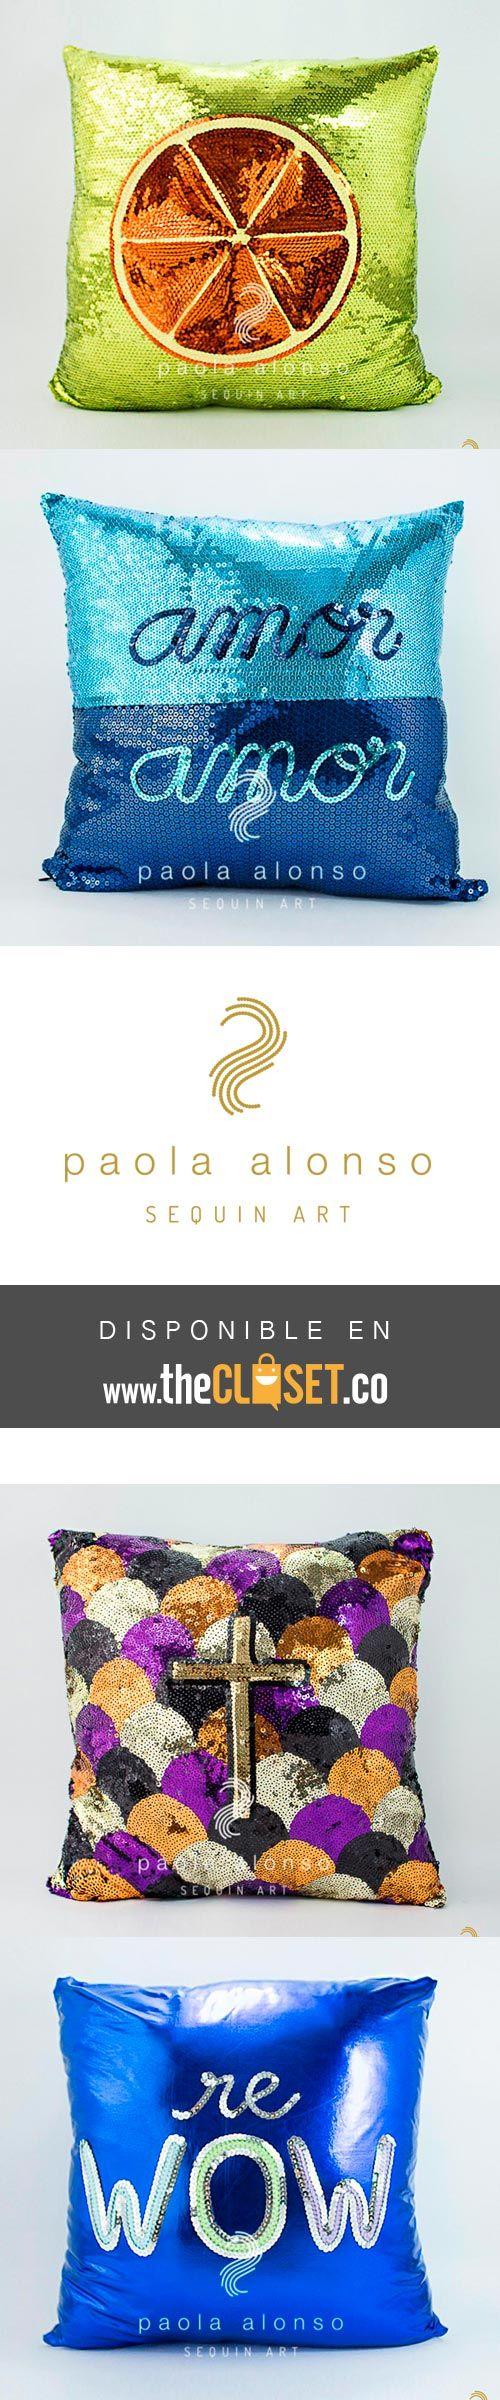 PAOLA ALONSO - #Cojines en lentejuelas - #UnicoDiseño encuentra el tuyo en la Red De Diseñadores Independientes www.thecloset.co